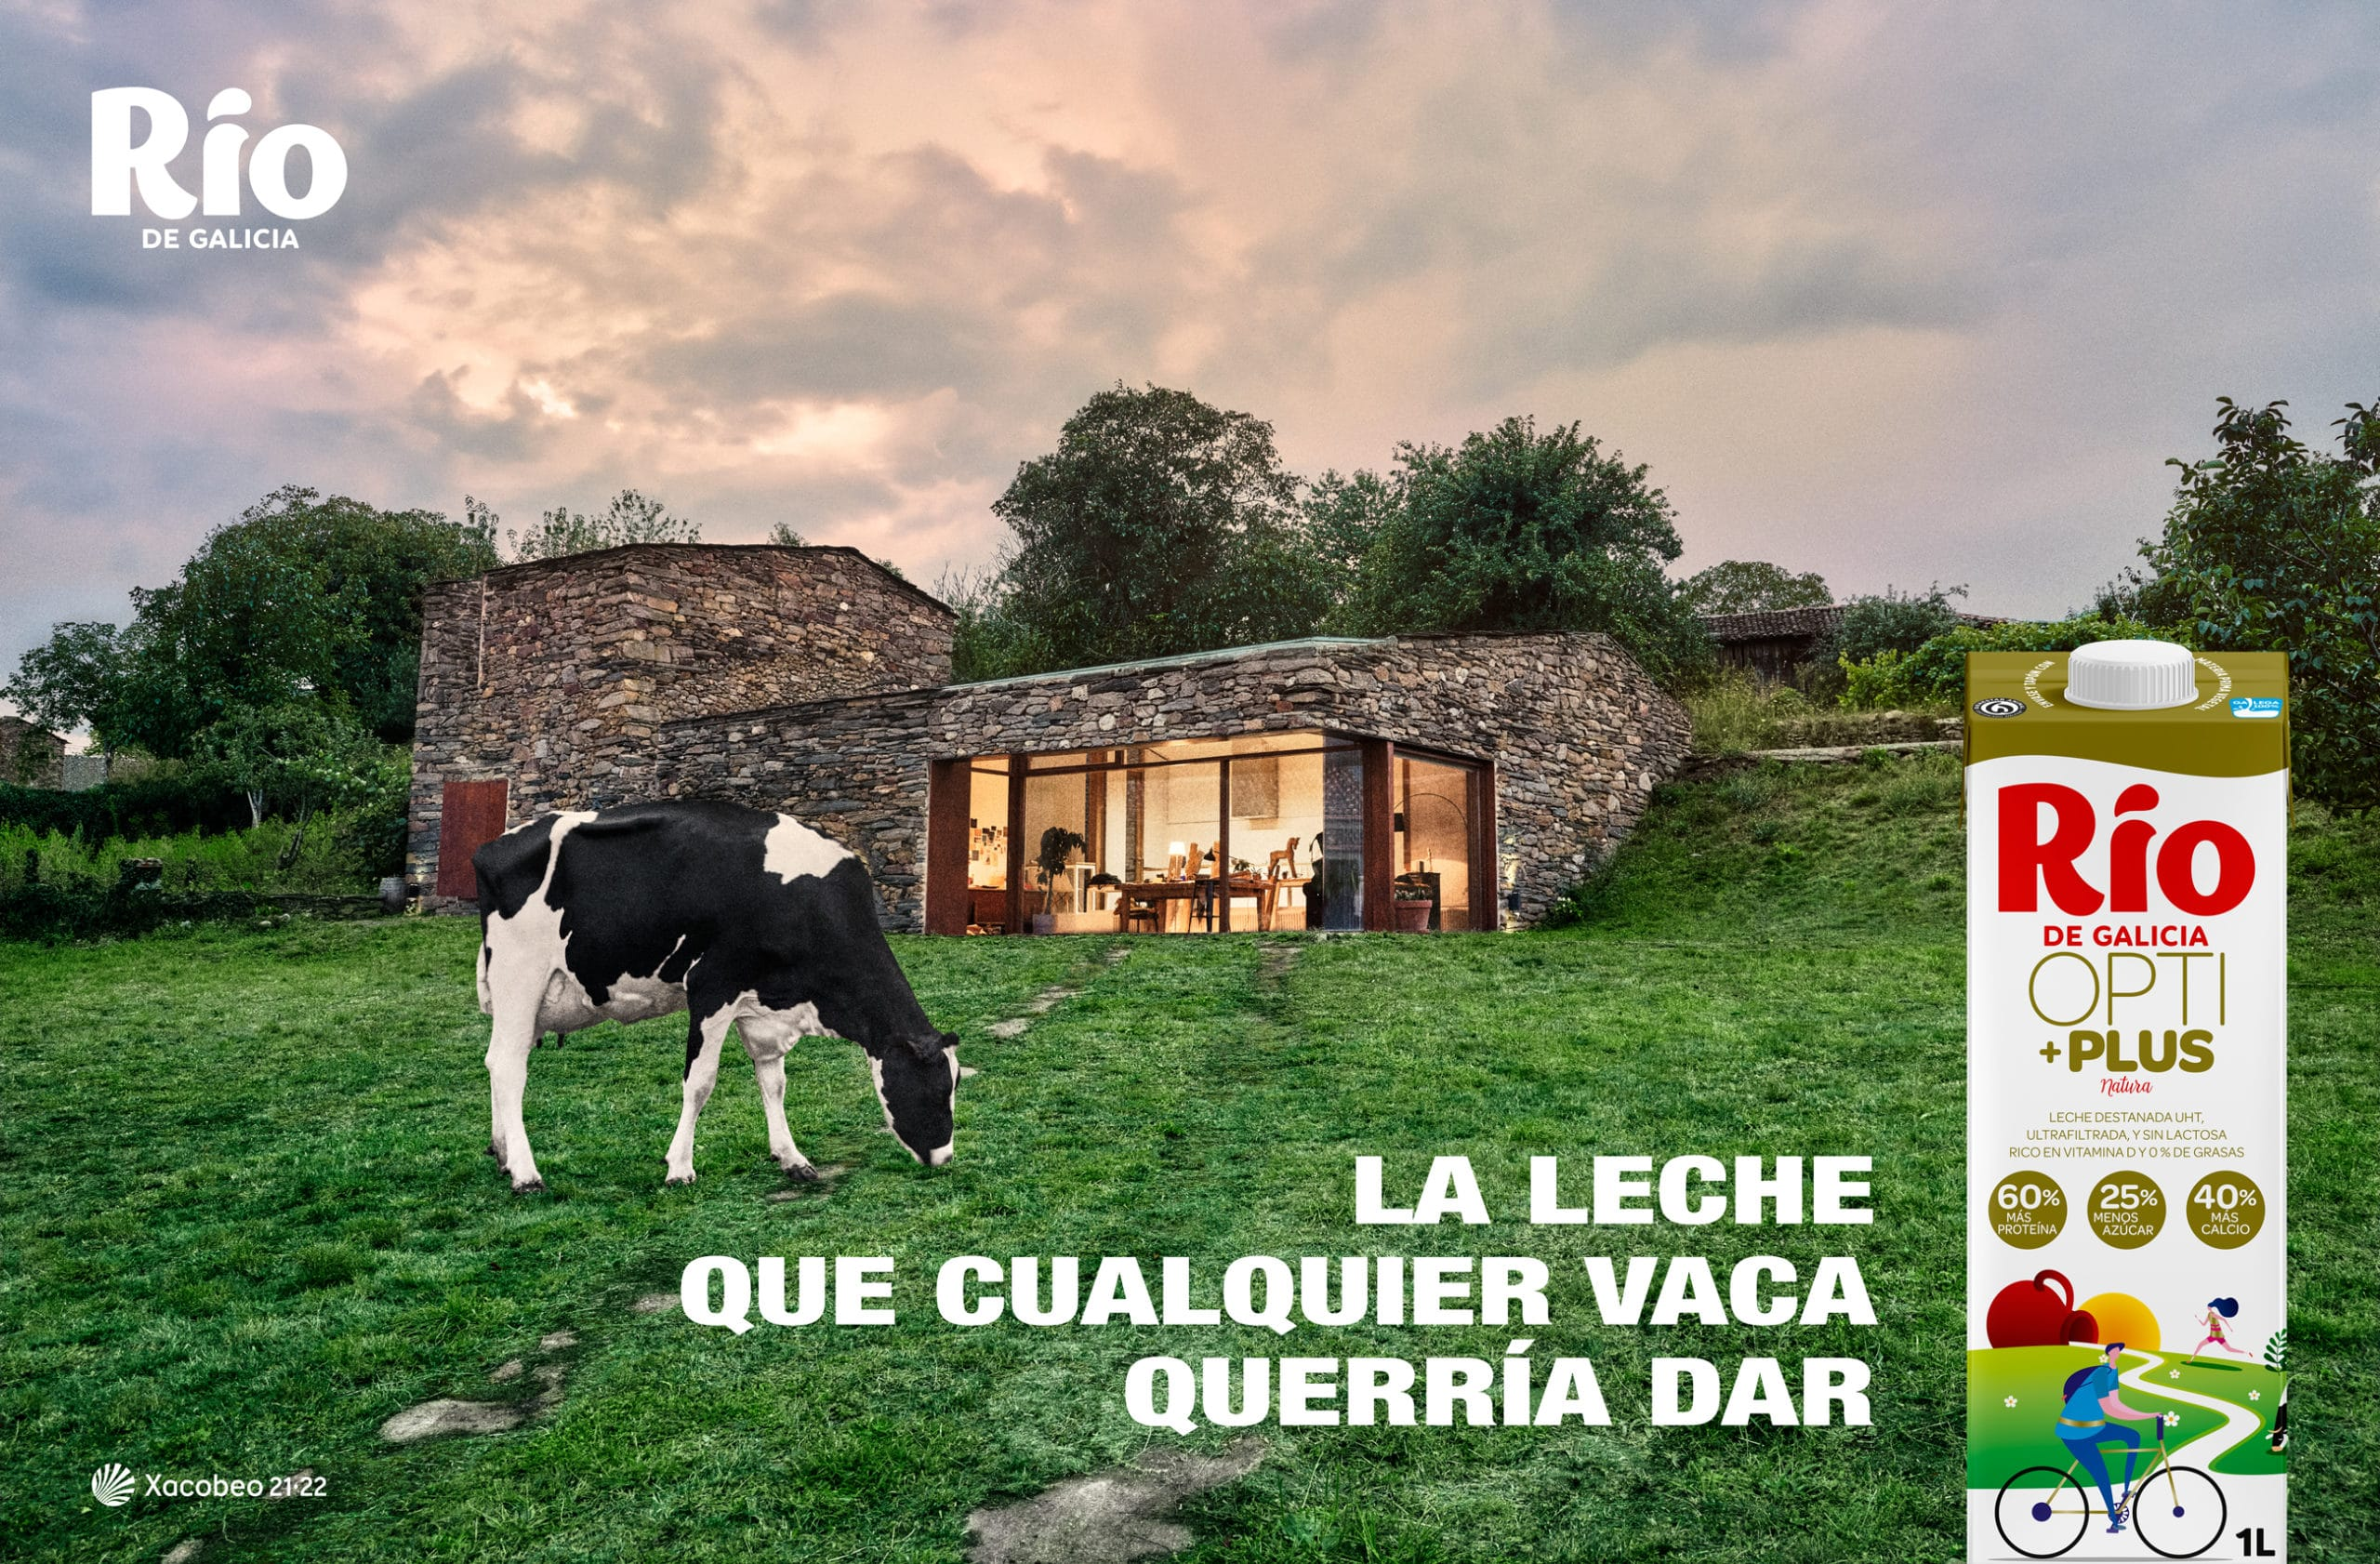 La leche que cualquier vaca querría dar Río de Galicia Opti+Plus